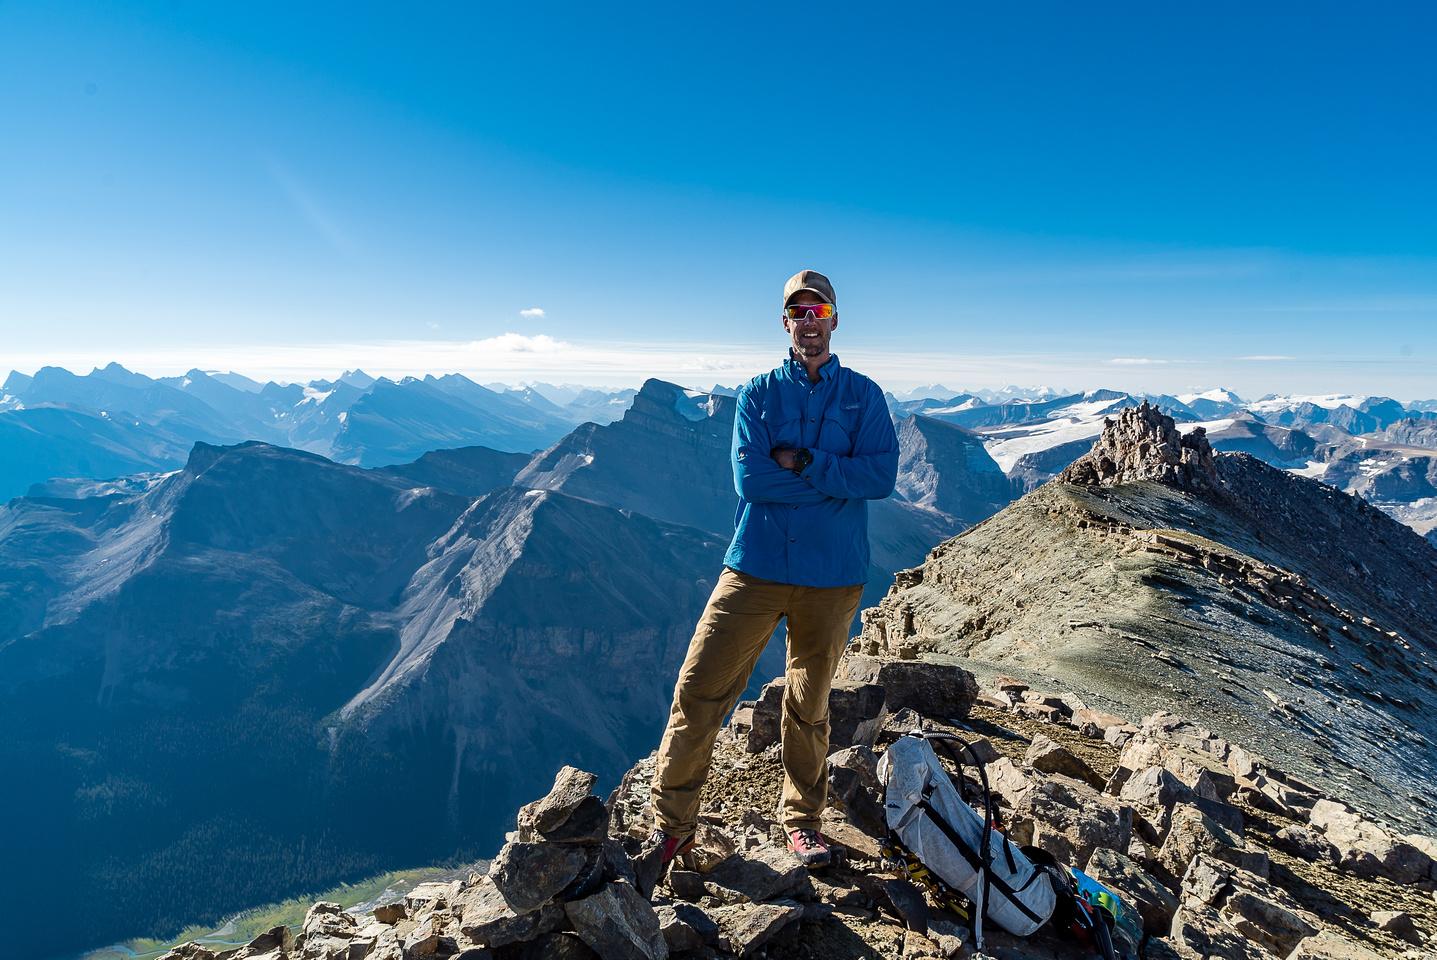 Vern on the summit of Marmota Peak.